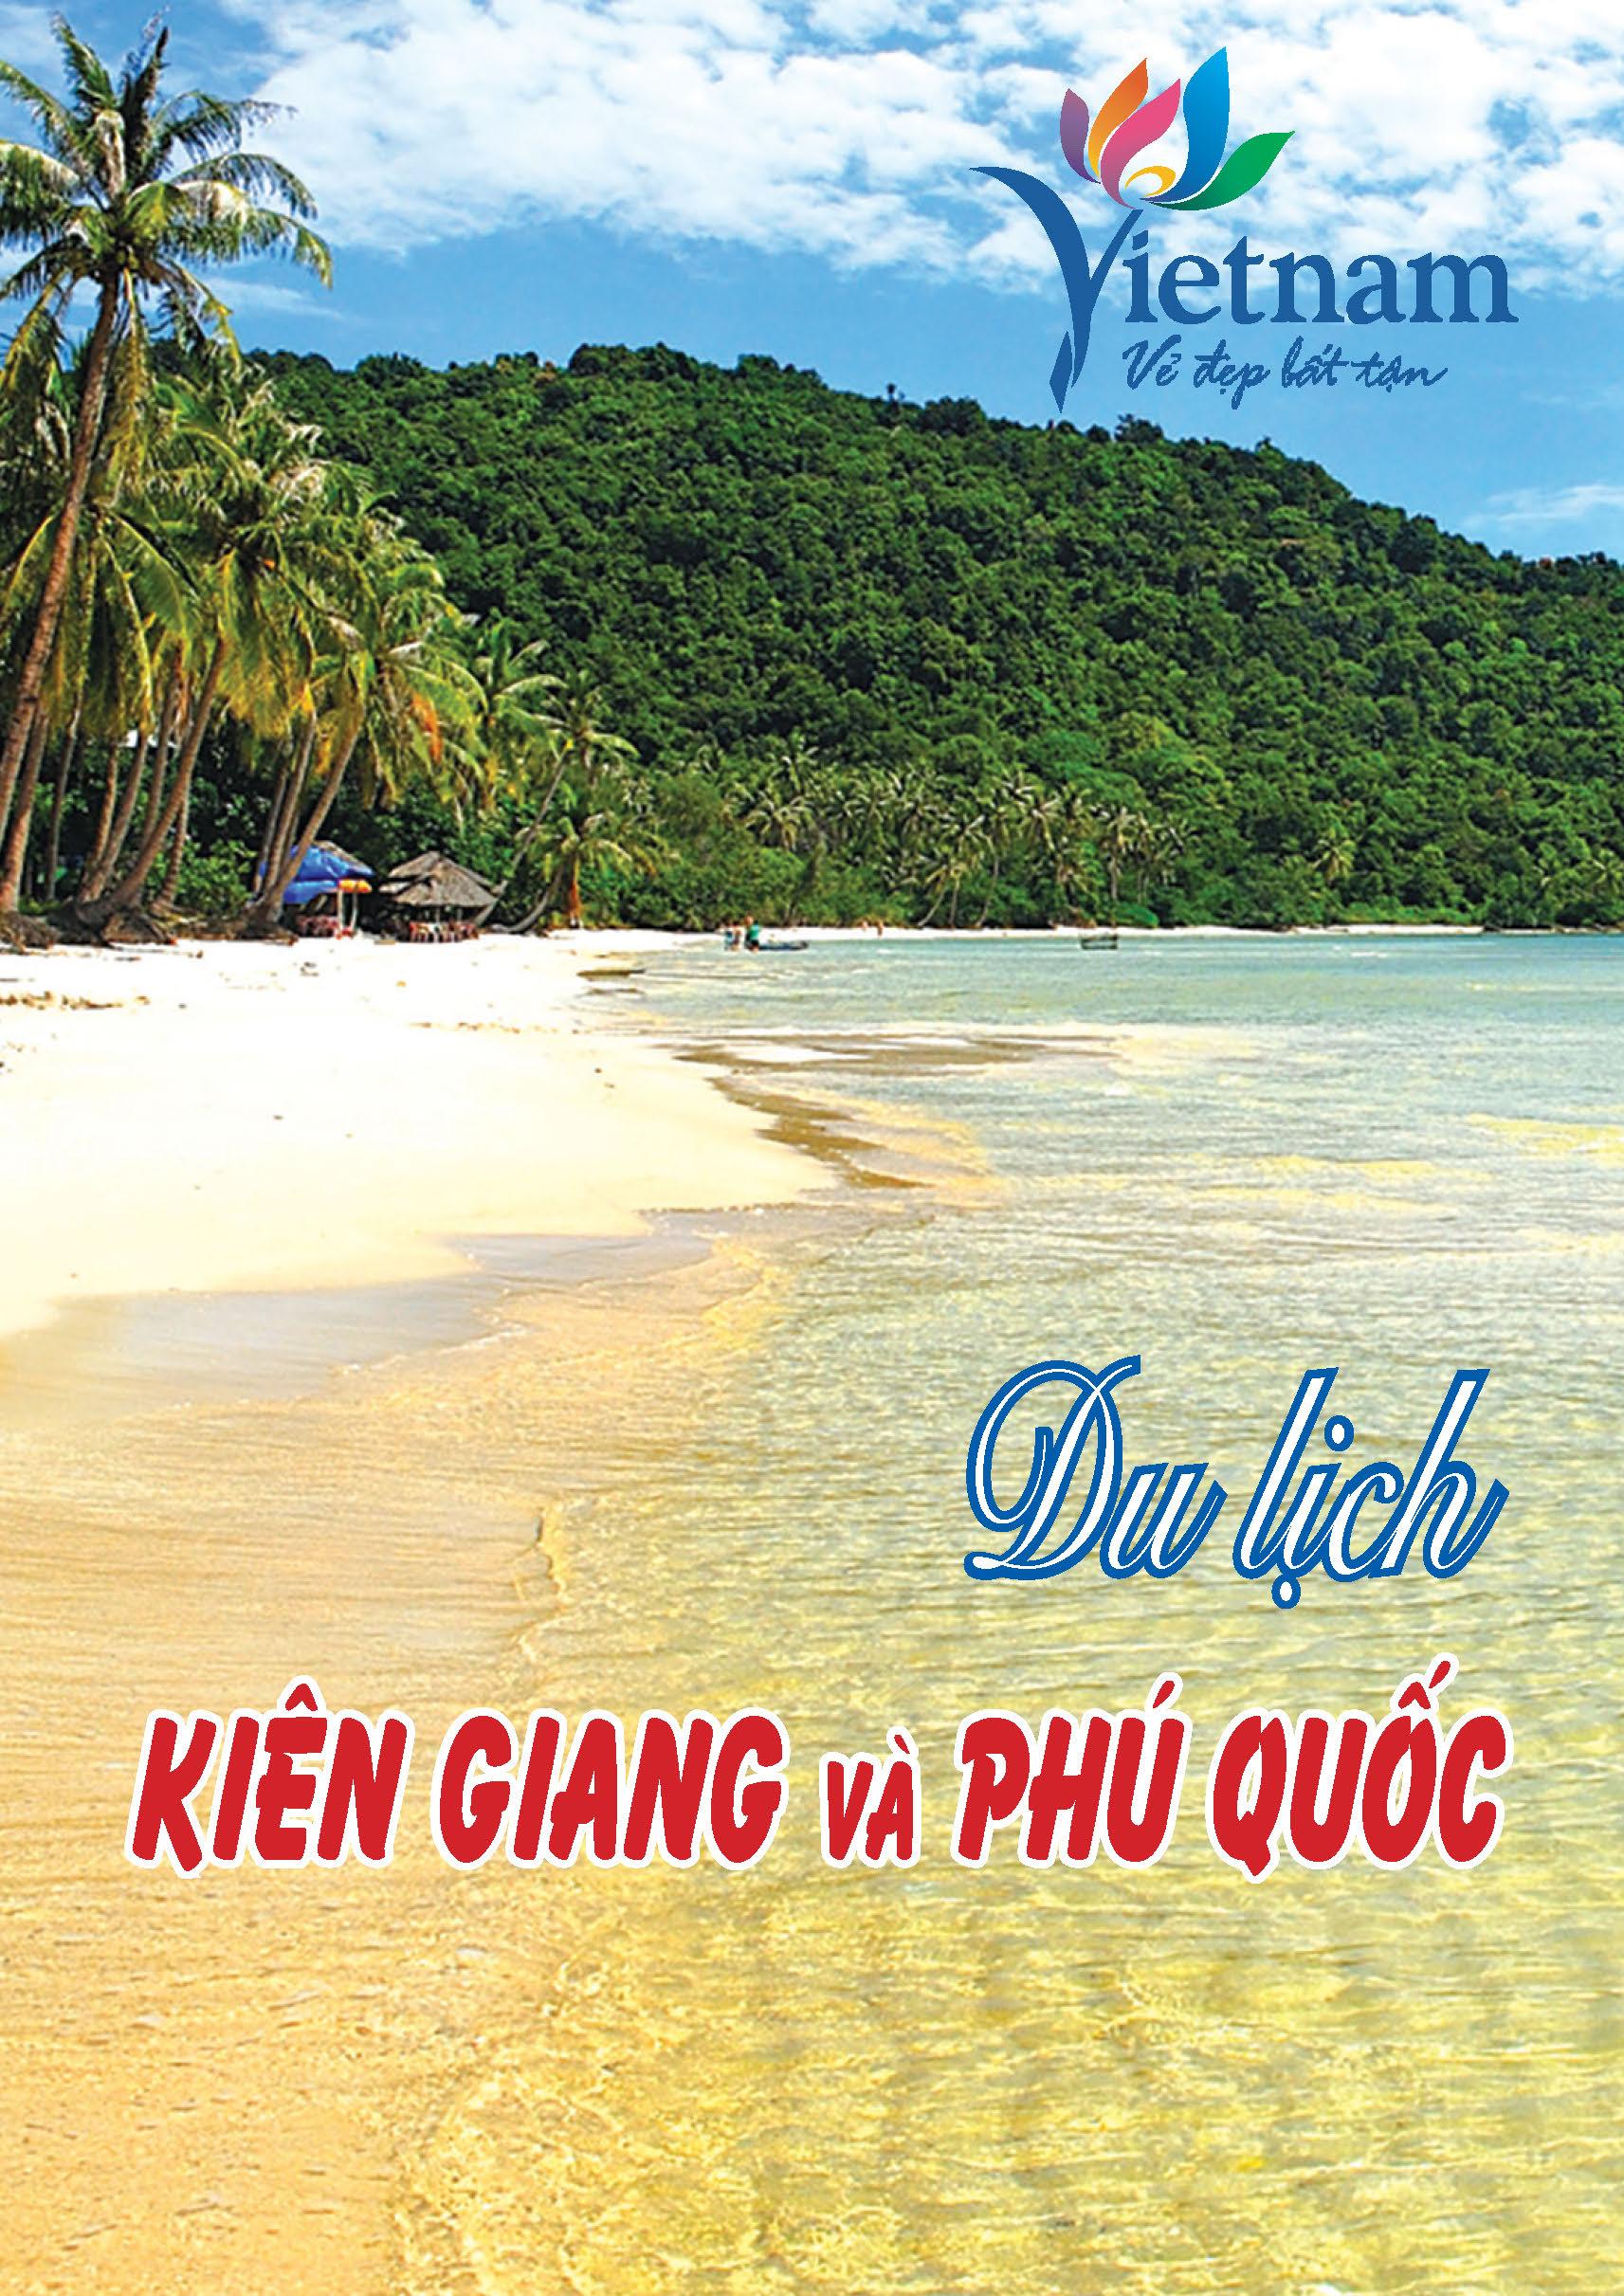 Du lịch Kiên Giang và Phú Quốc